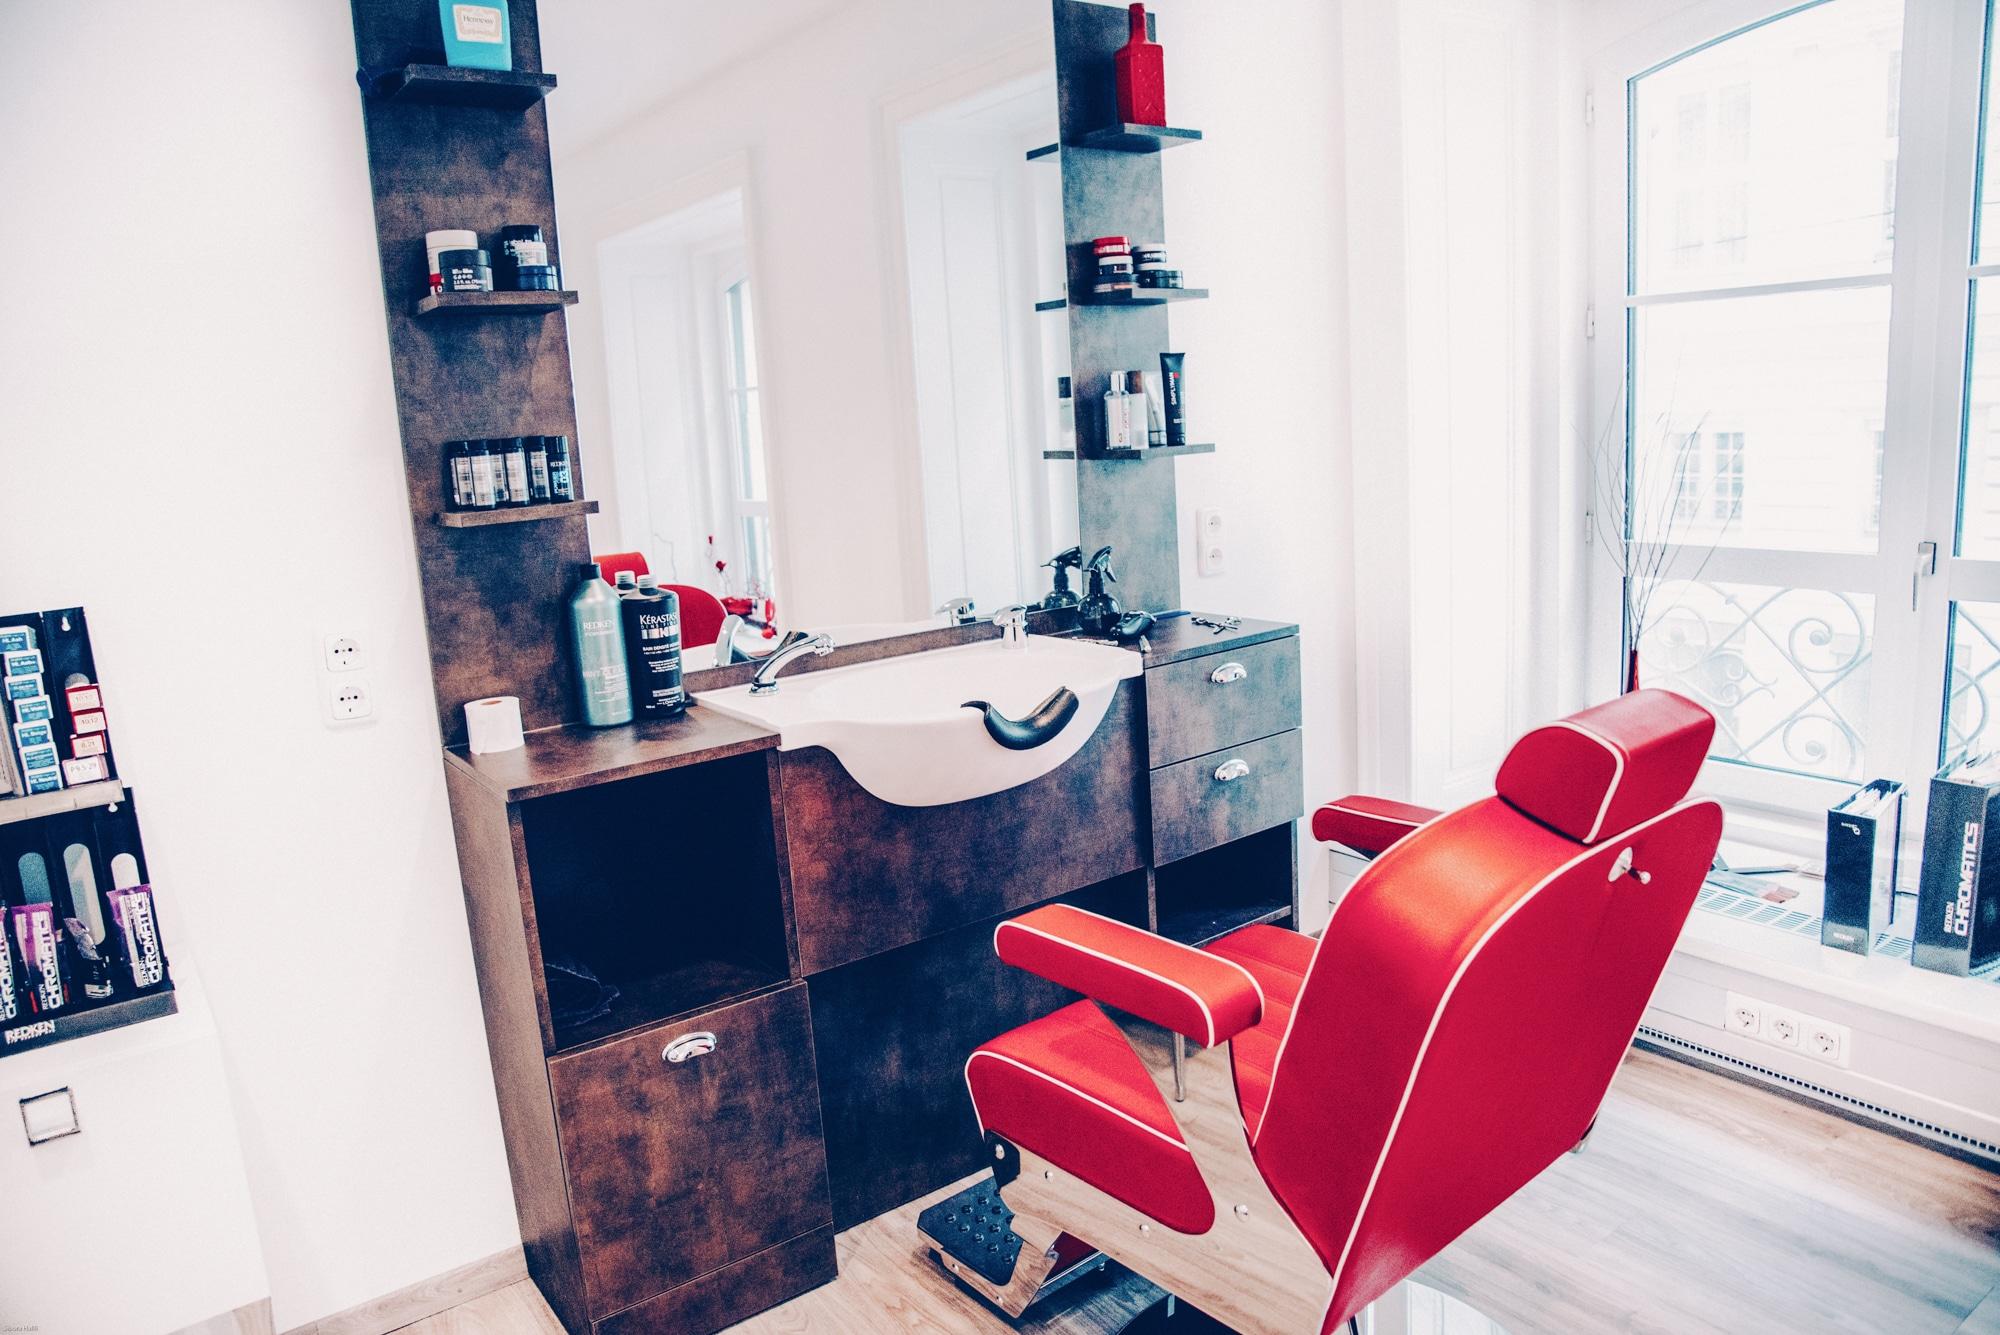 Carola Claudia Staudinger Hair Salon & Spa Zum Salon:Carola Claudia Staudinger ist ein exklusiver Hair & Spa Salon im 1. Bezirk, Nähe Wiener Staatsoper. Neben hochqualitativem Service ermöglichen wir unseren Kunden mit jedem Besuch ein absolutes Wohlfühl- und Erholungserlebnis. Teil unserer Crew zu sein bedeutet viel Abwechslung und die Möglichkeit zur kreativen Selbstverwirklichung.